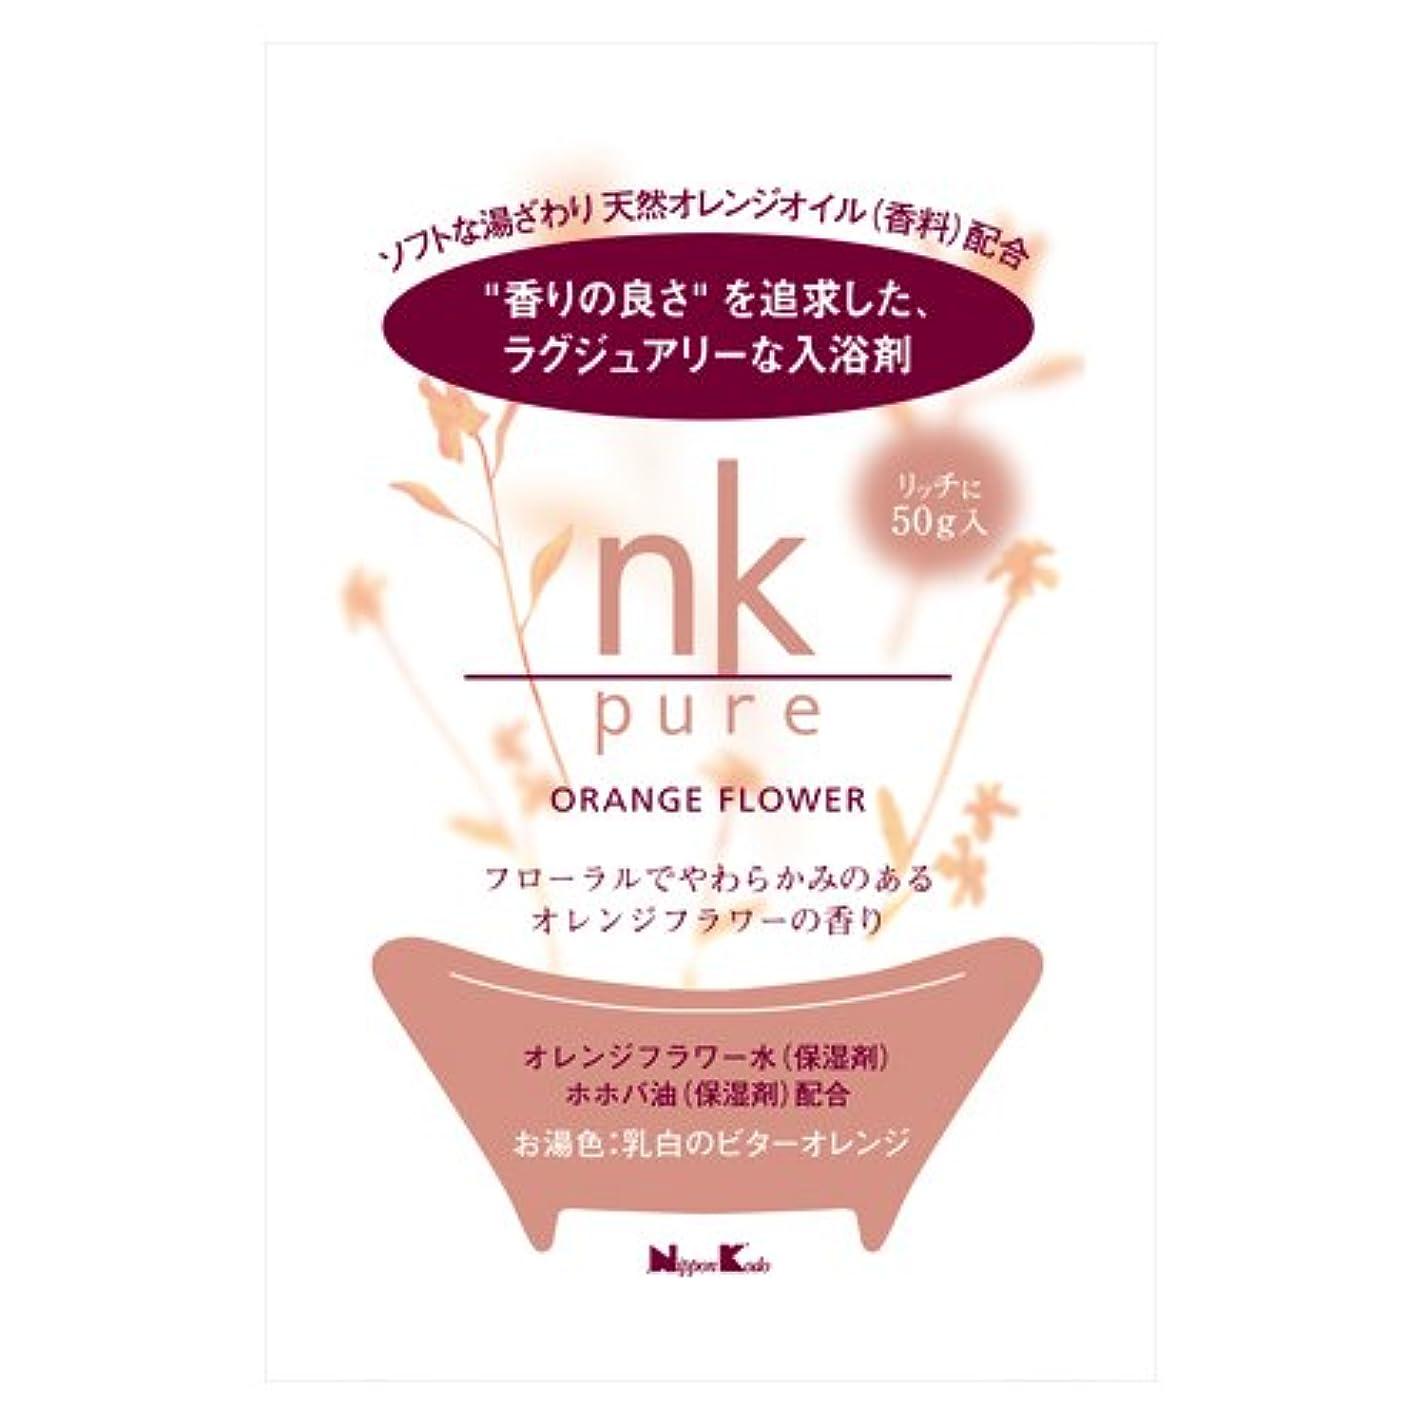 憲法弱い朝食を食べる【X10個セット】 nk pure 入浴剤 オレンジフラワー 50g